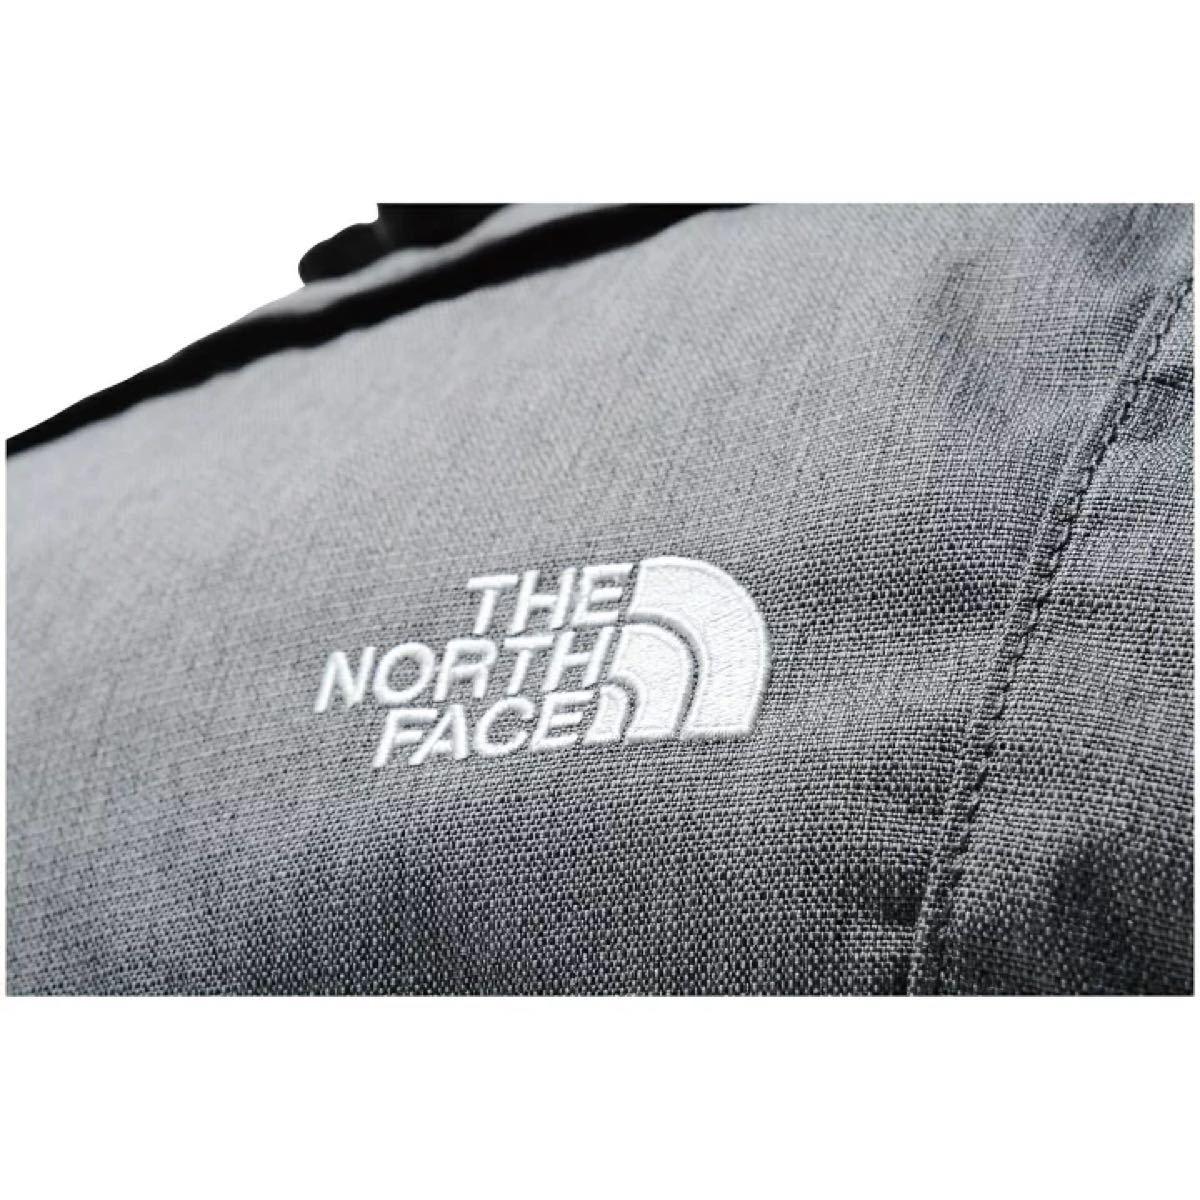 ノースフェイス ウエストバッグ クラシックカンガ NM06554A ZH THE NORTH FACE ボディバッグ